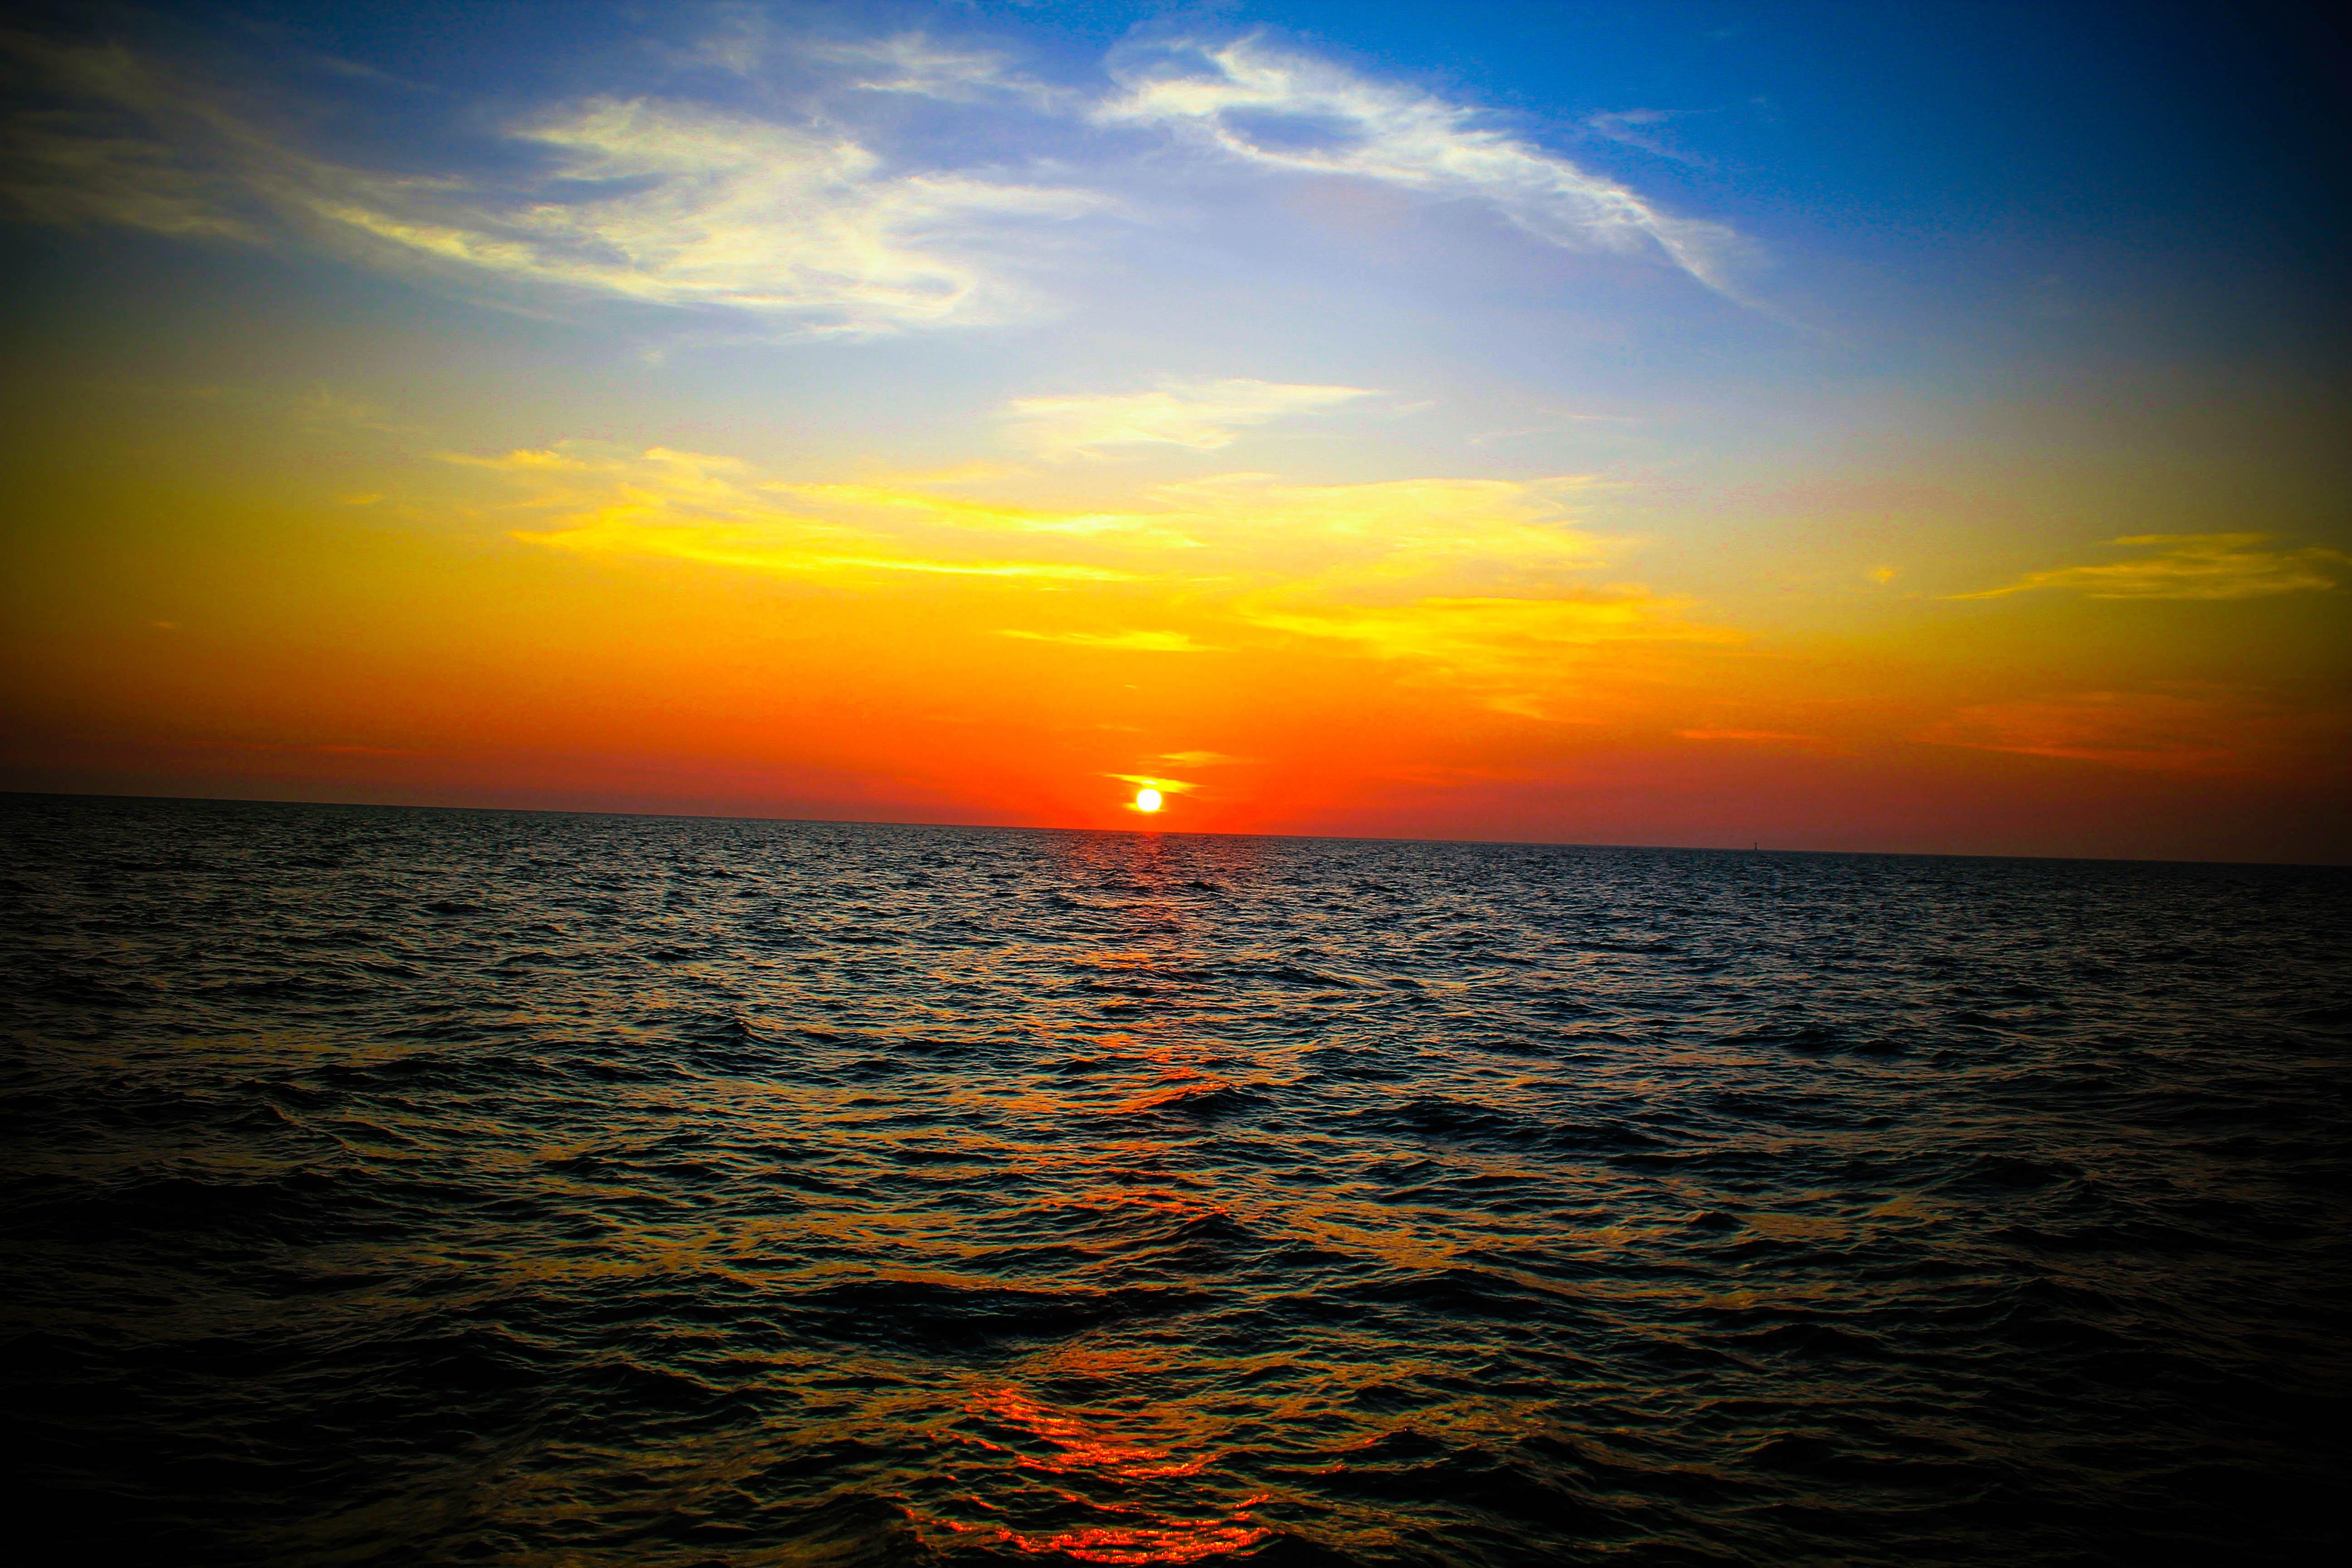 Golden Hour Ocean Photo